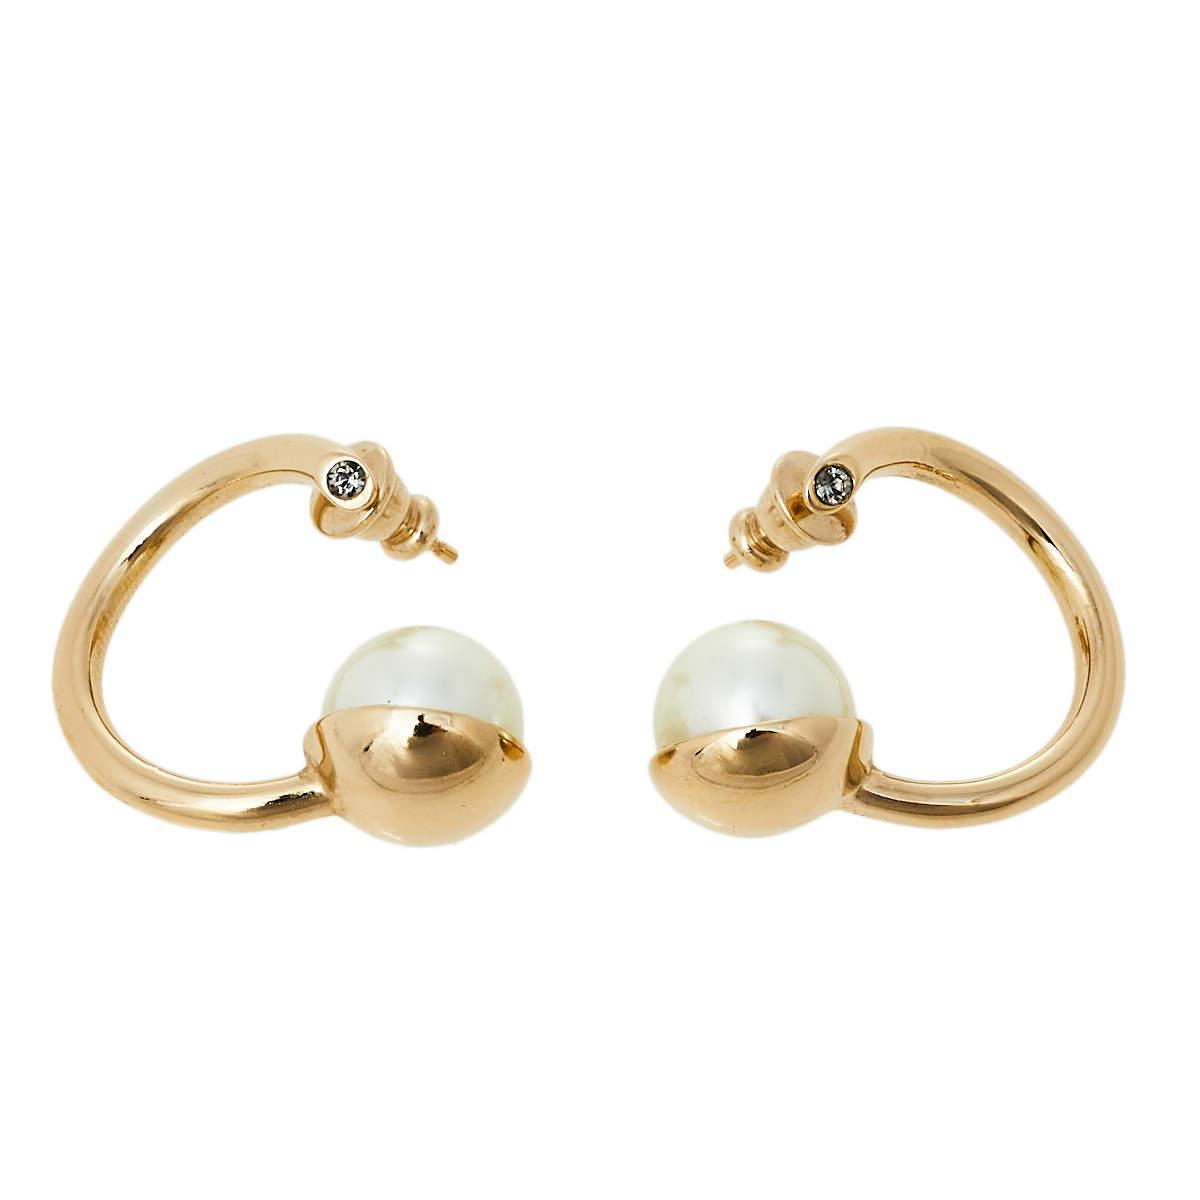 Dior Gold Tone Metal Faux Pearl & Crystal Hoop Earrings